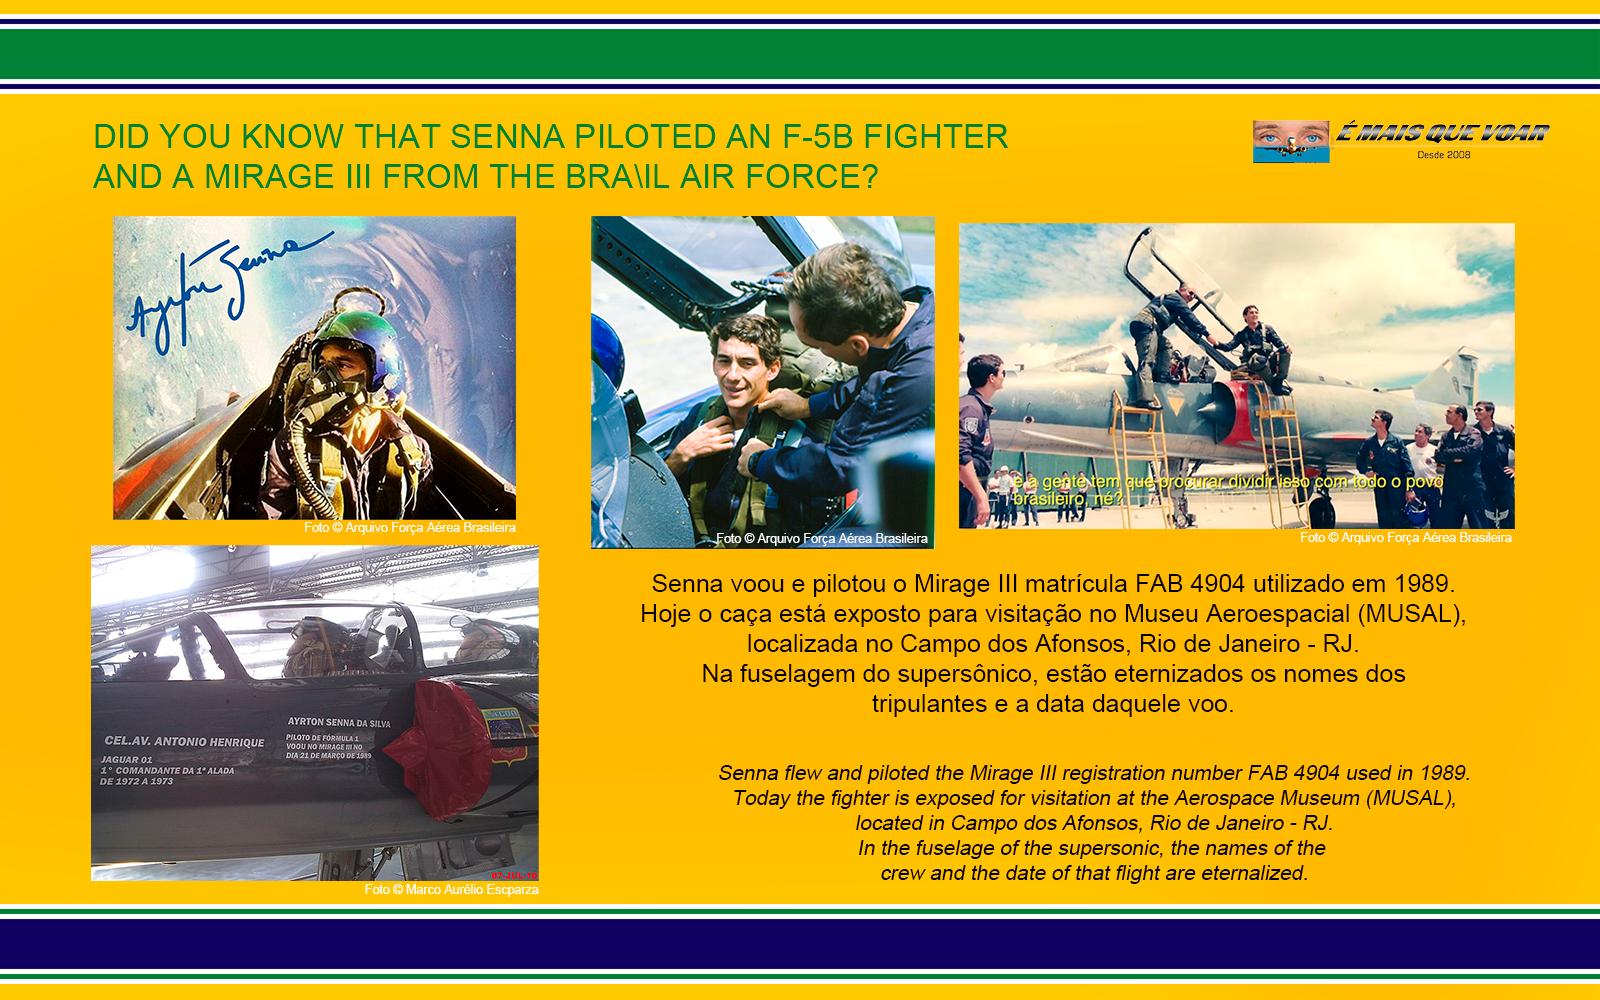 FAB 4904 - Dassault Mirage III - FAB - Força Aérea Brasileira - Os aviões de caça pilotados por Ayrton Senna | É MAIS QUE VOAR